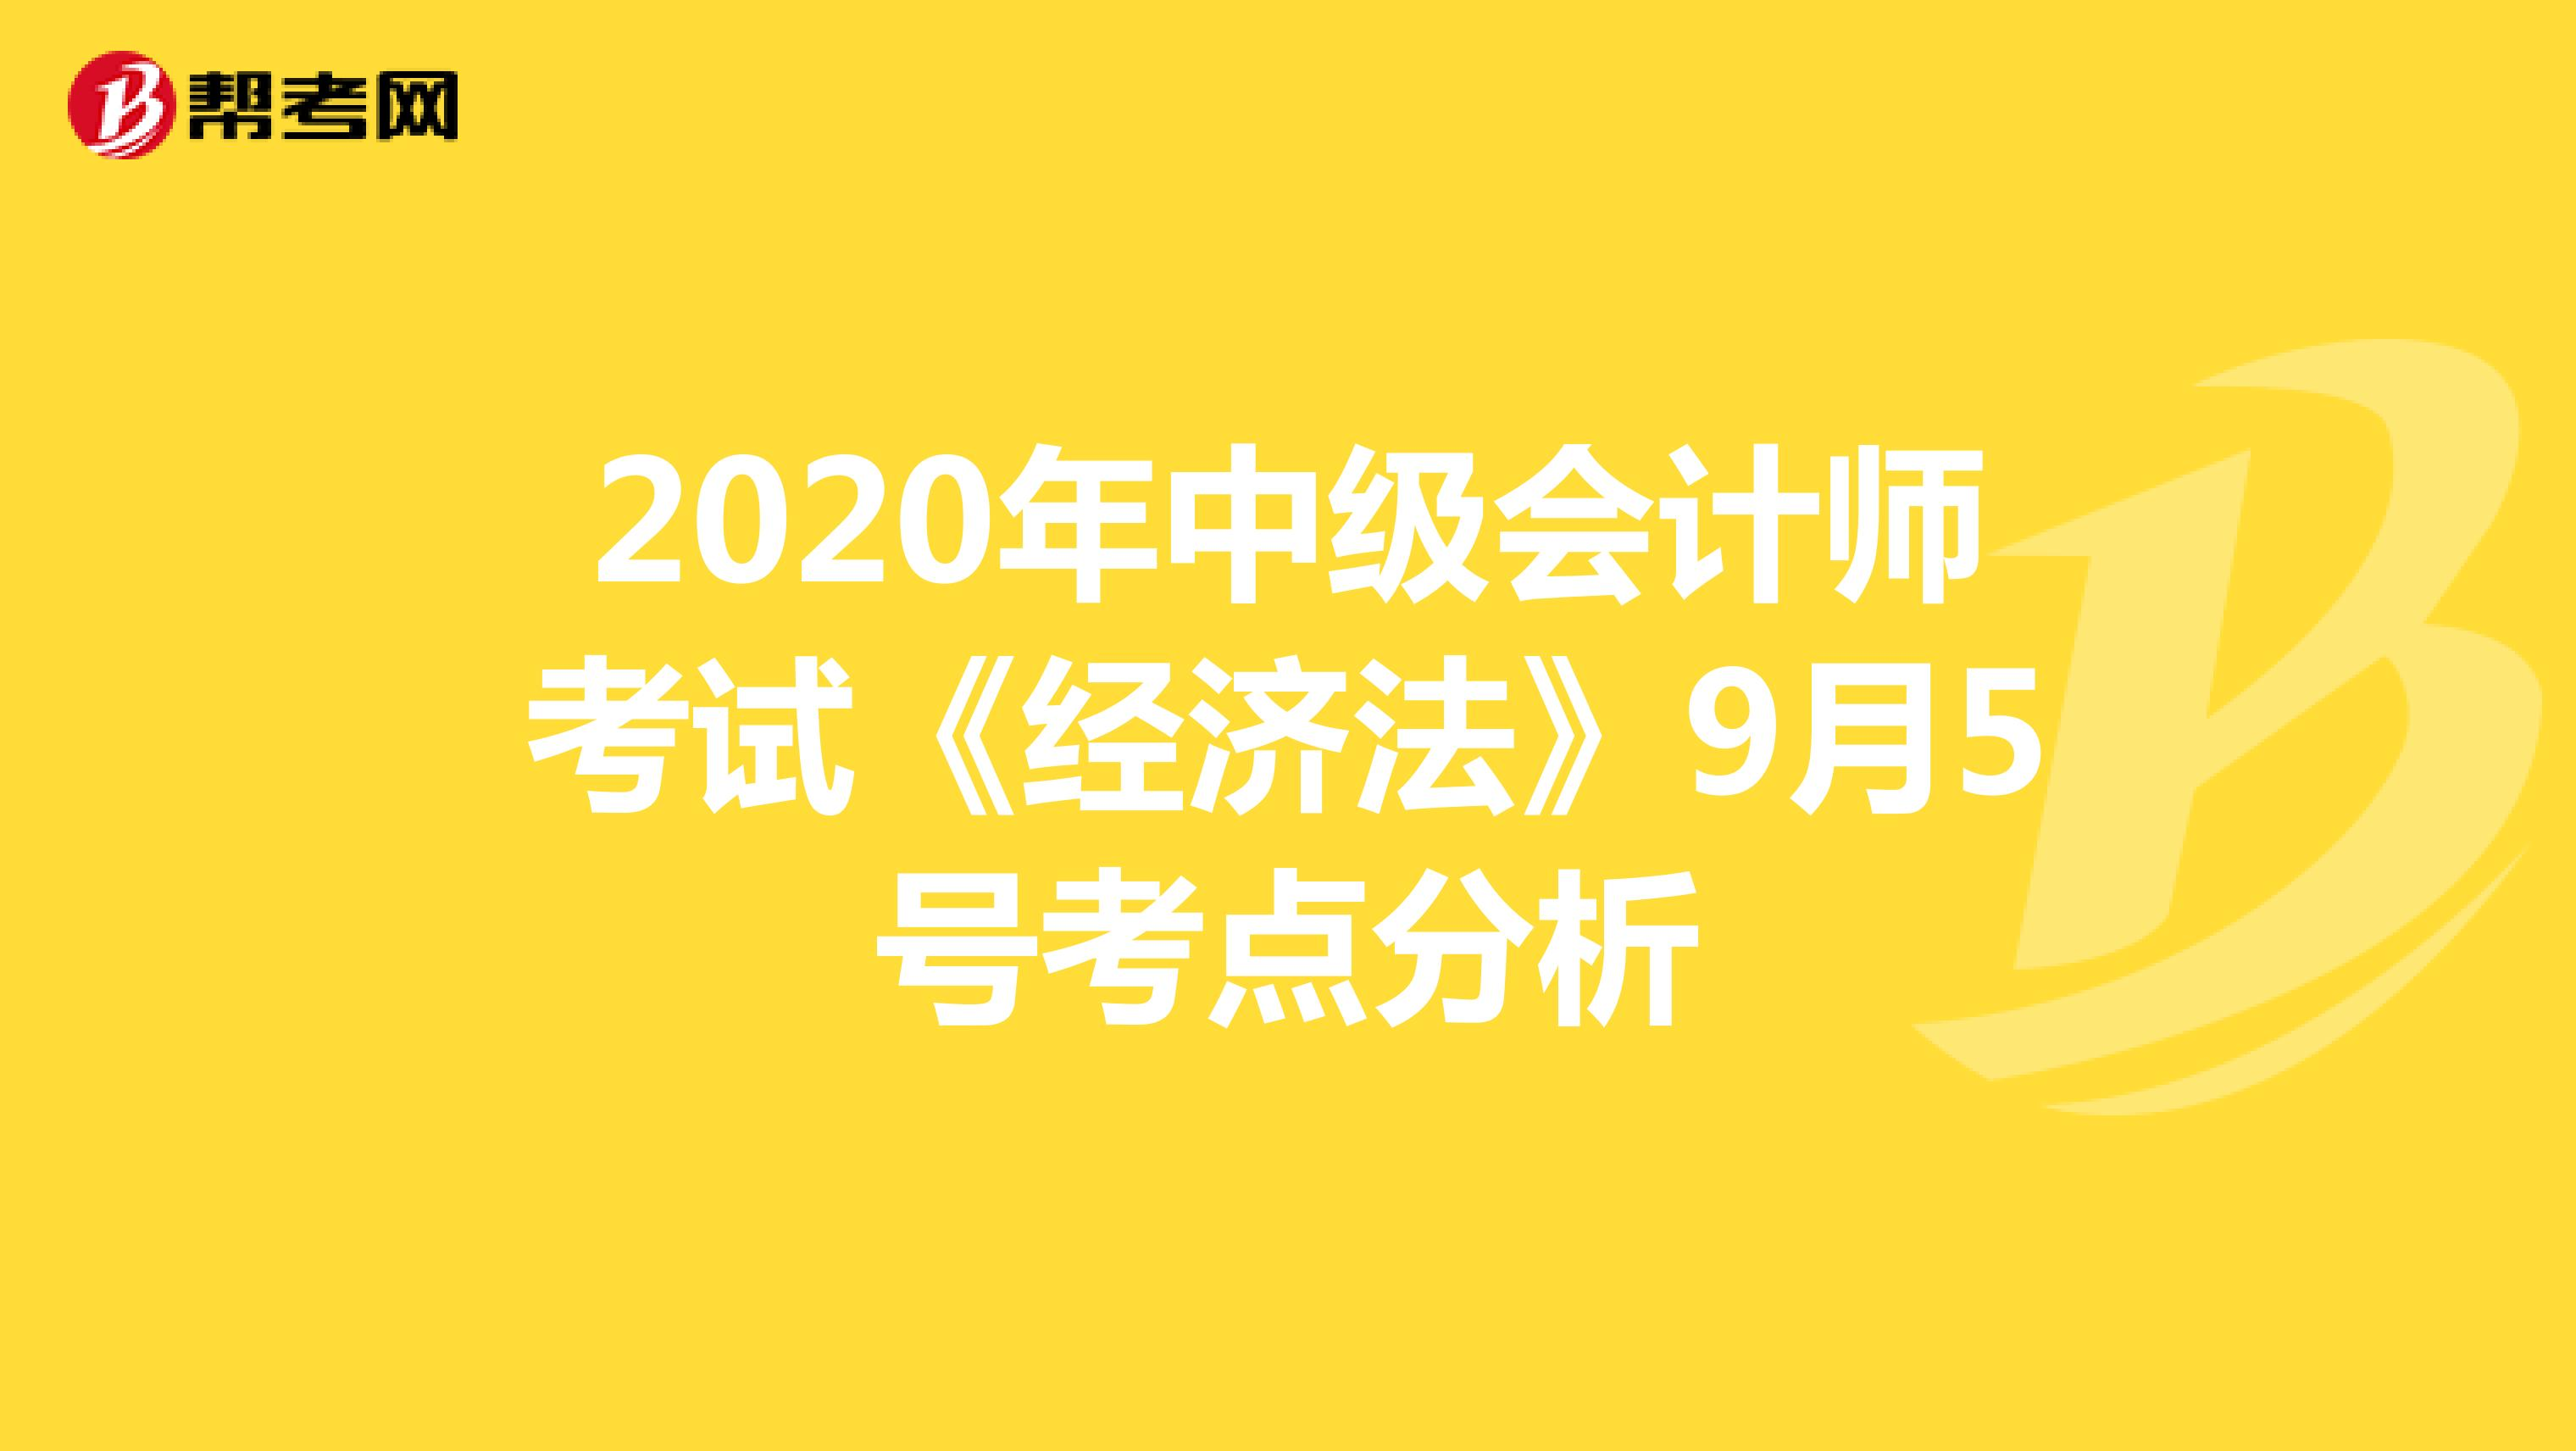 2020年首页下载雷火《电竞法》9月5号考点分析